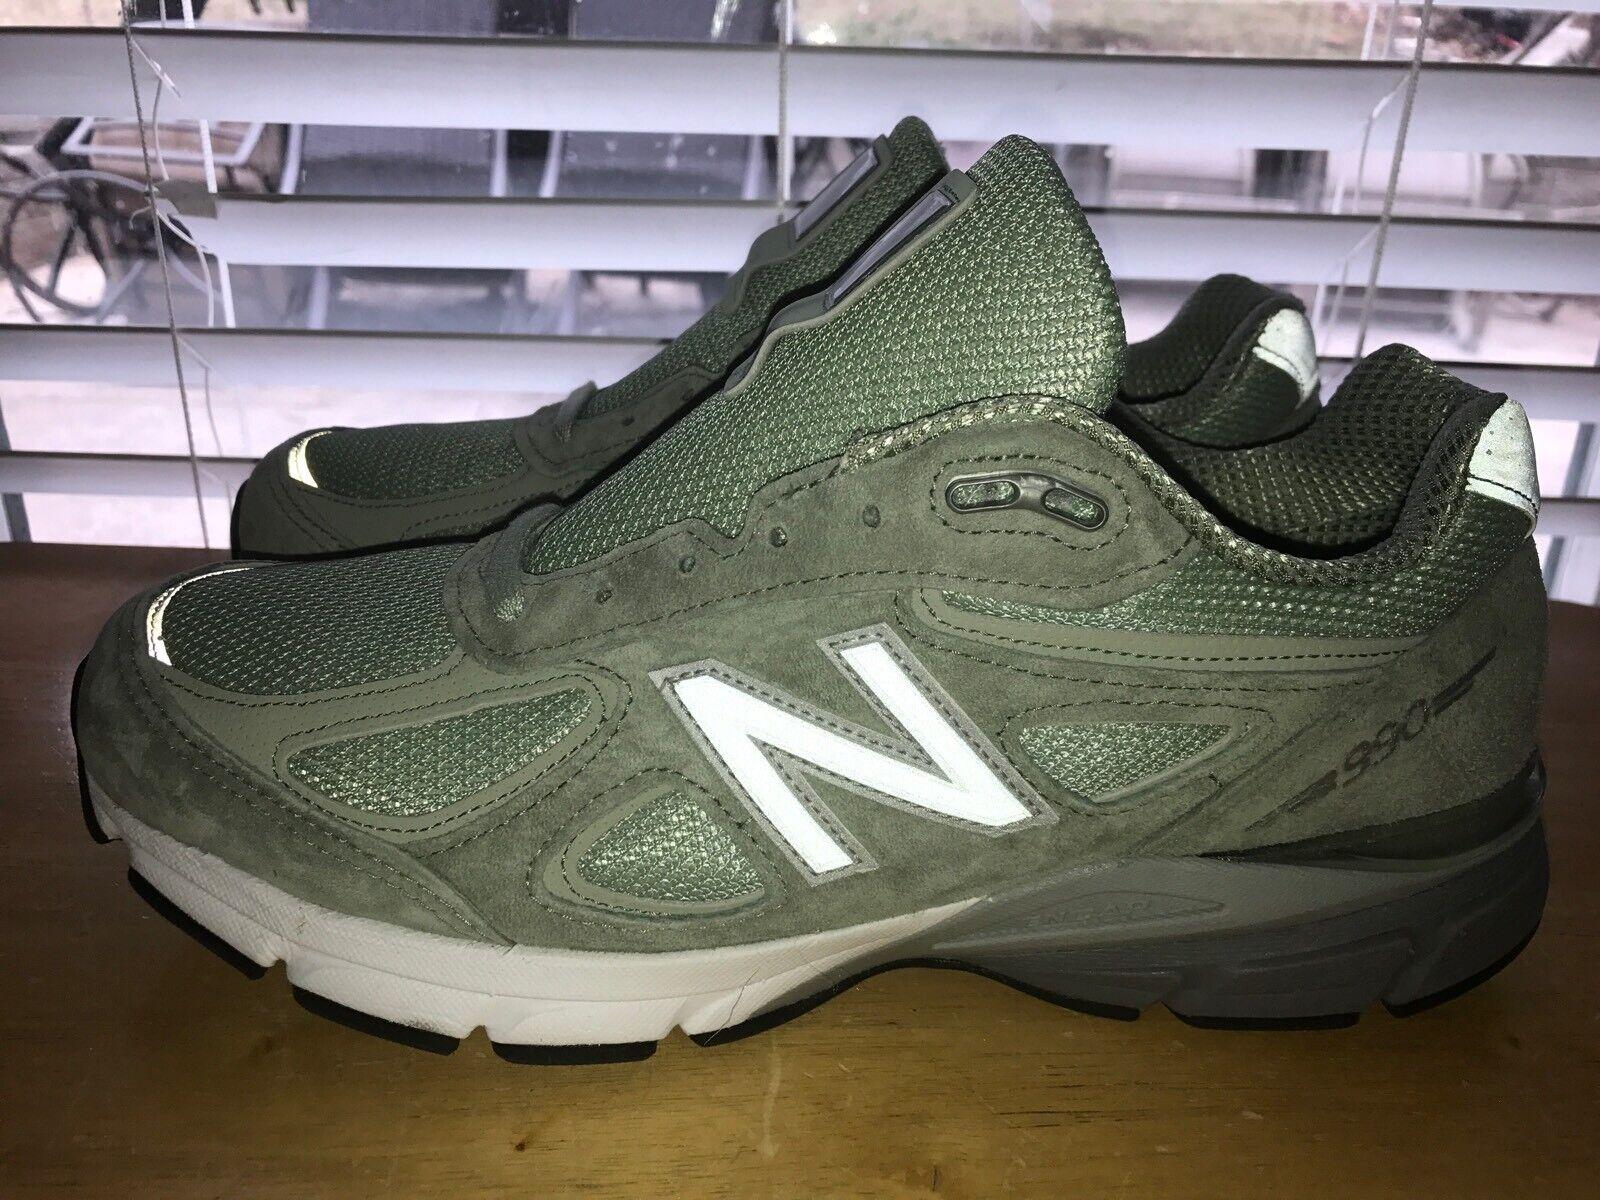 Debes ver fabuloso 990 Zapatos M990SM4 hombres NEW BALANCE 8 D GUC